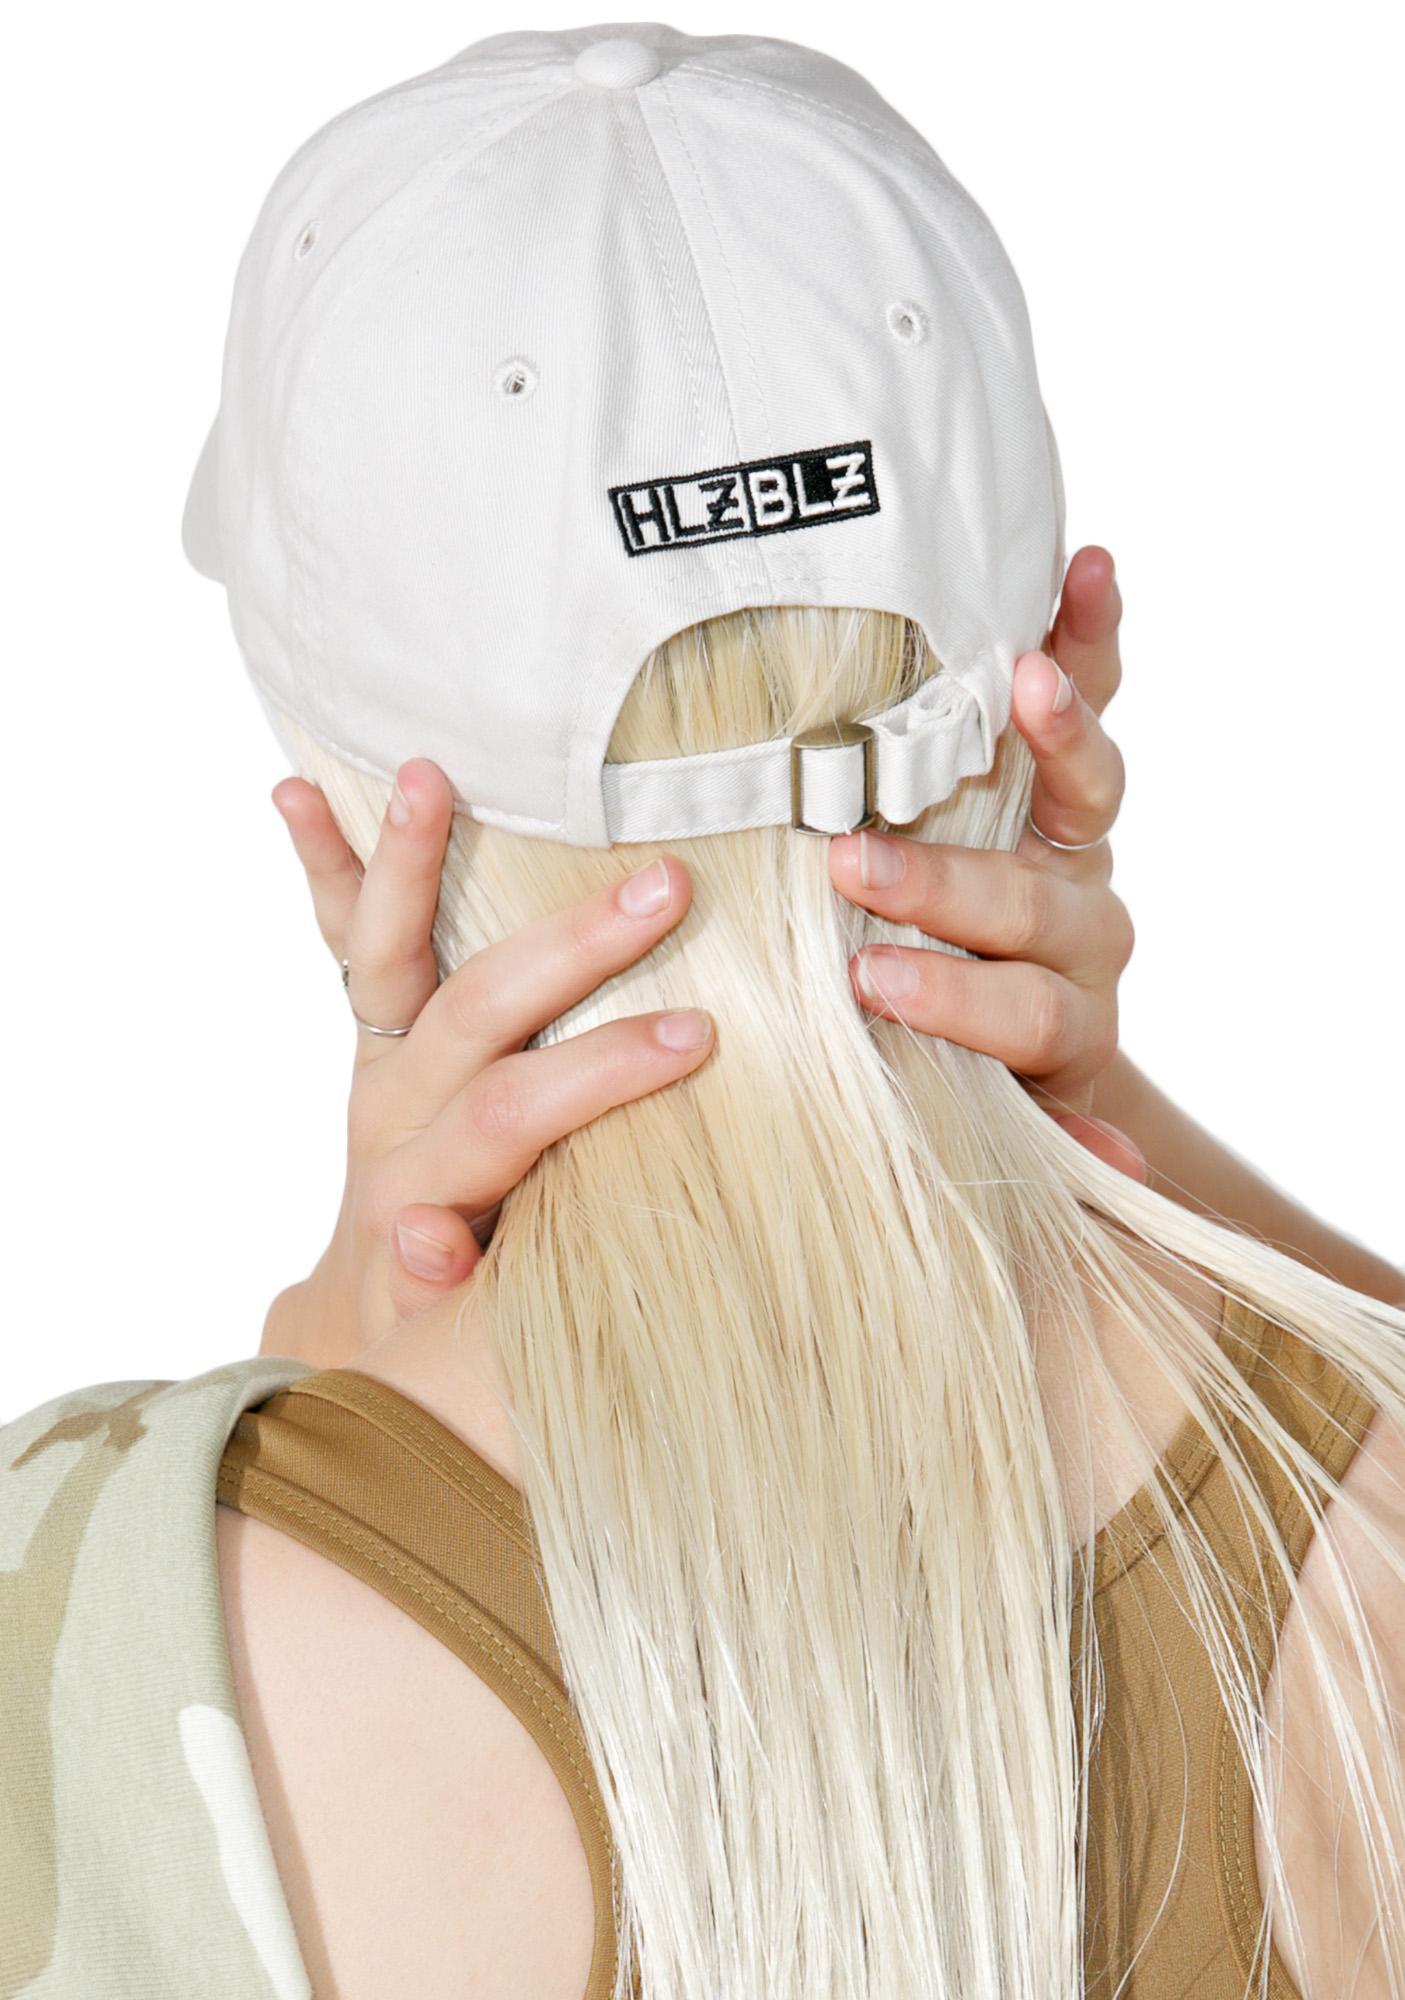 HLZBLZ Eat Me Dad Hat